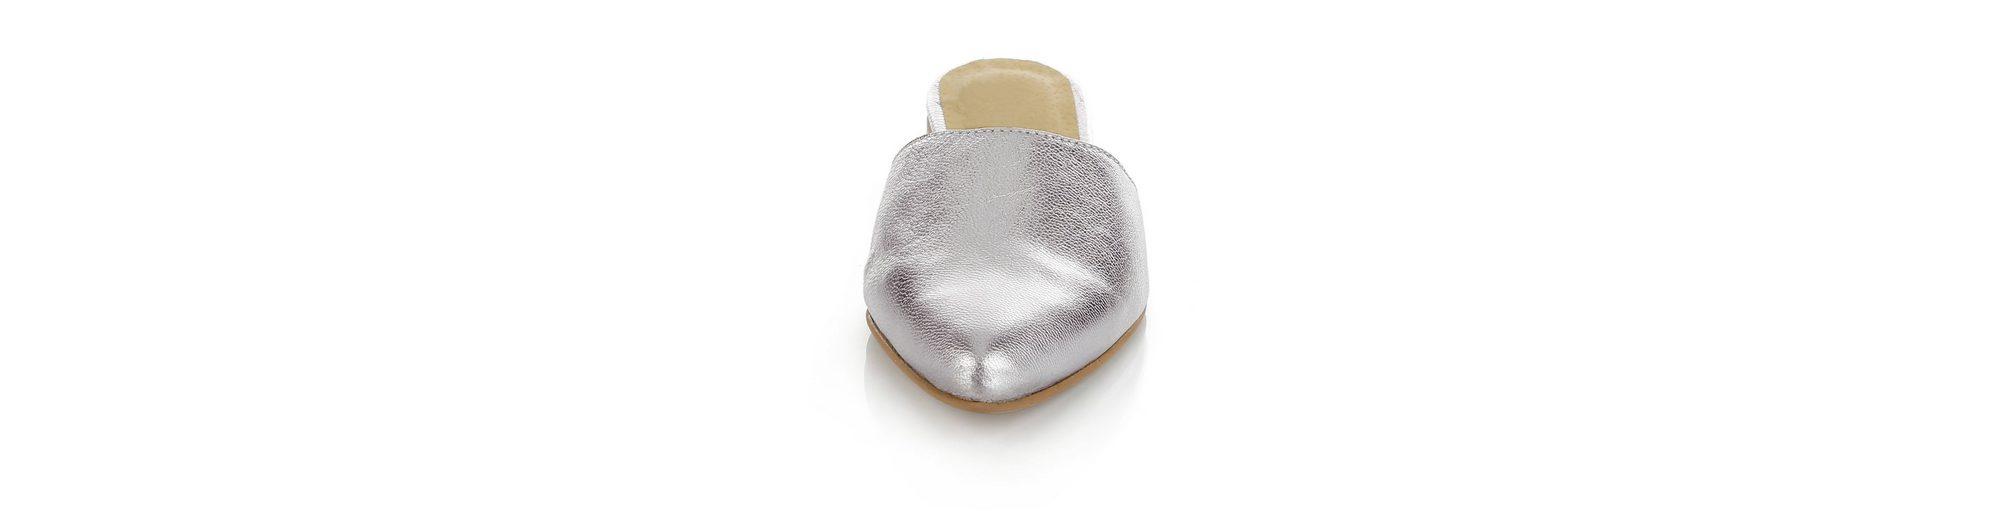 Alba Moda Sabot in Metallic-Optik mit Spitz zulaufende Zehenkappe Günstig Kaufen Visum Zahlung Erschwinglich Für Billig Zu Verkaufen Günstiger Preis Großhandel Auslasszwischenraum TWFHfw